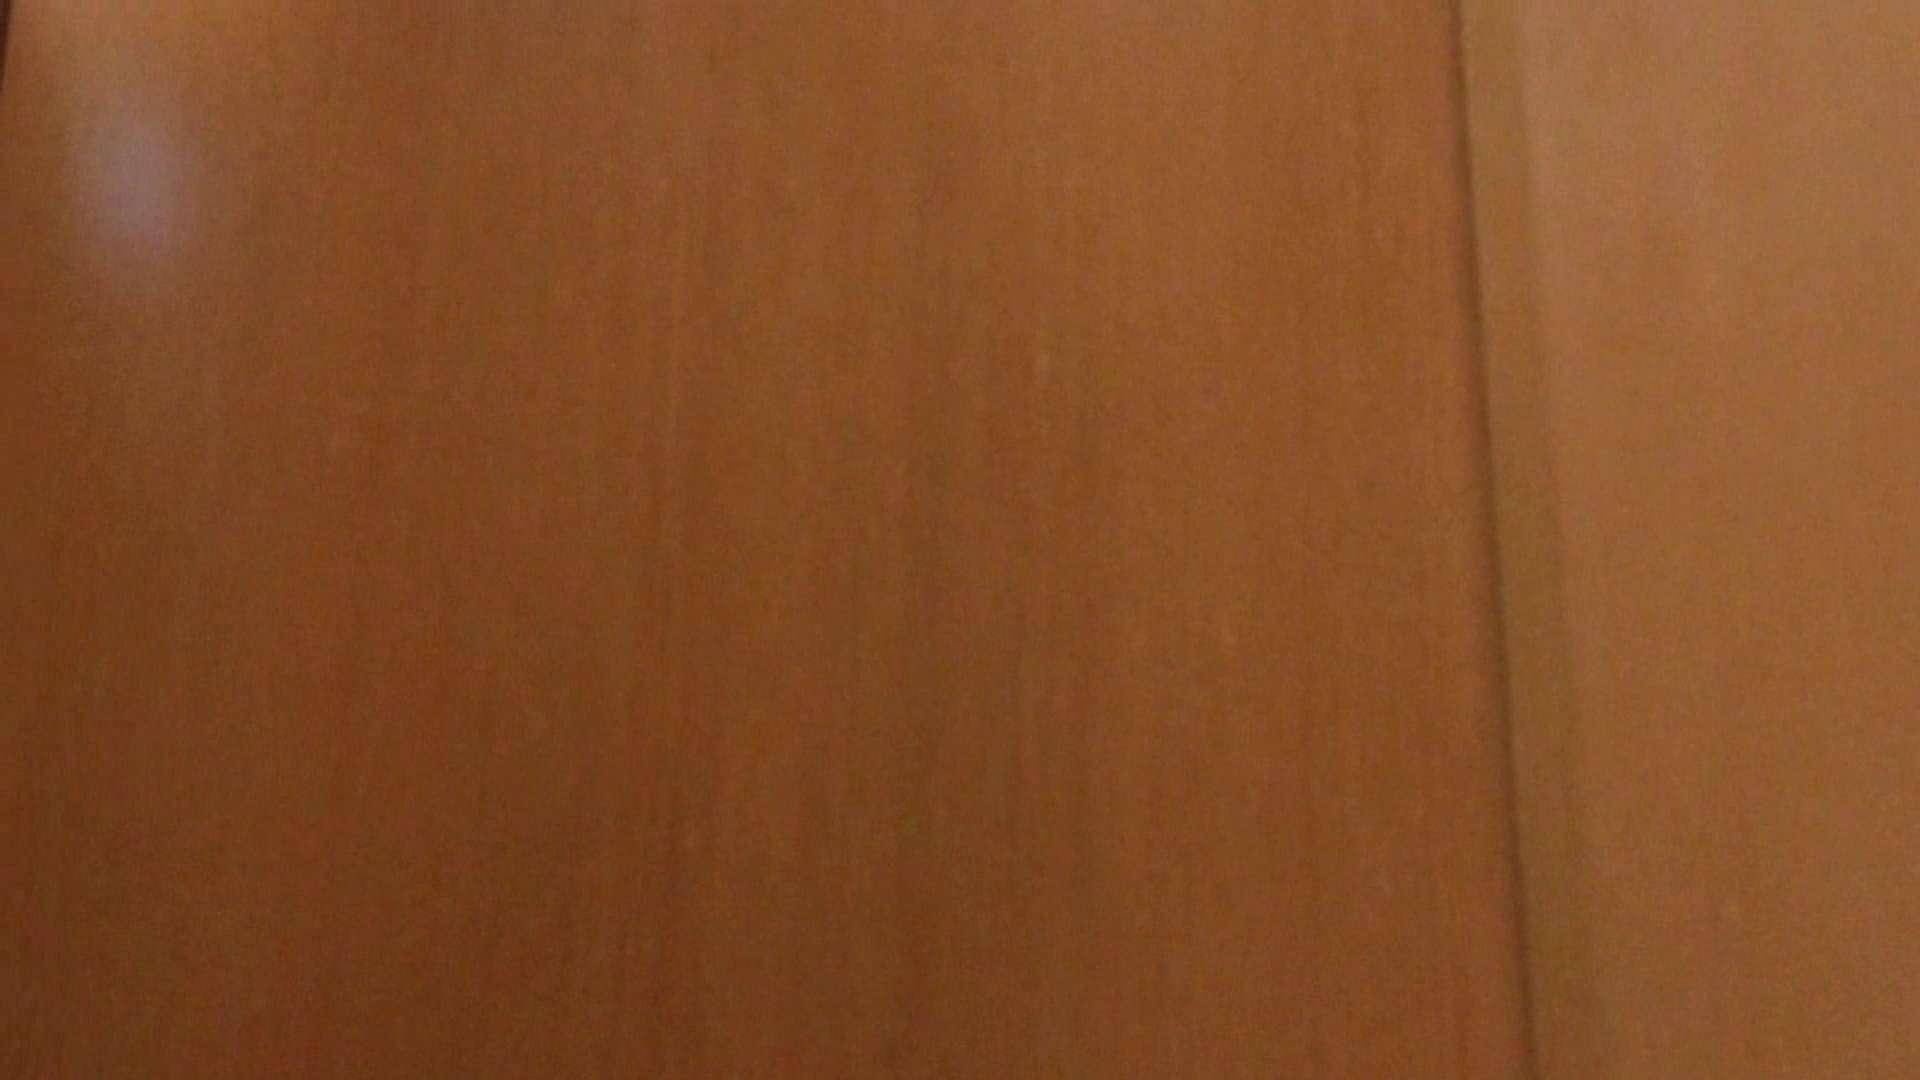 「噂」の国の厠観察日記2 Vol.02 綺麗なOLたち | 厠  96枚 70